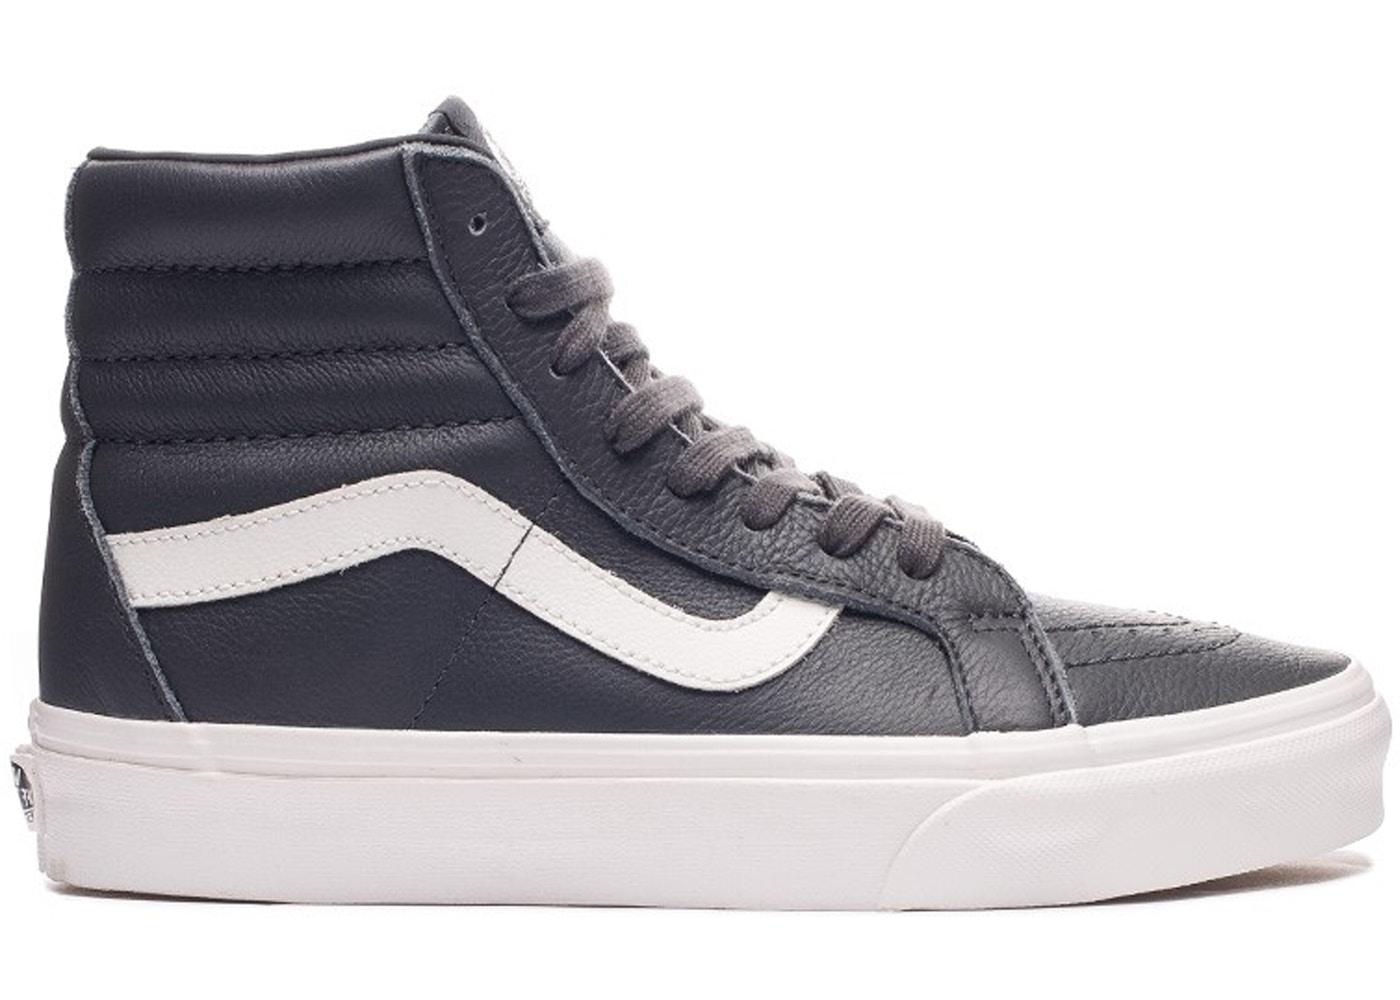 Vans Sk8-Hi Leather Asphalt